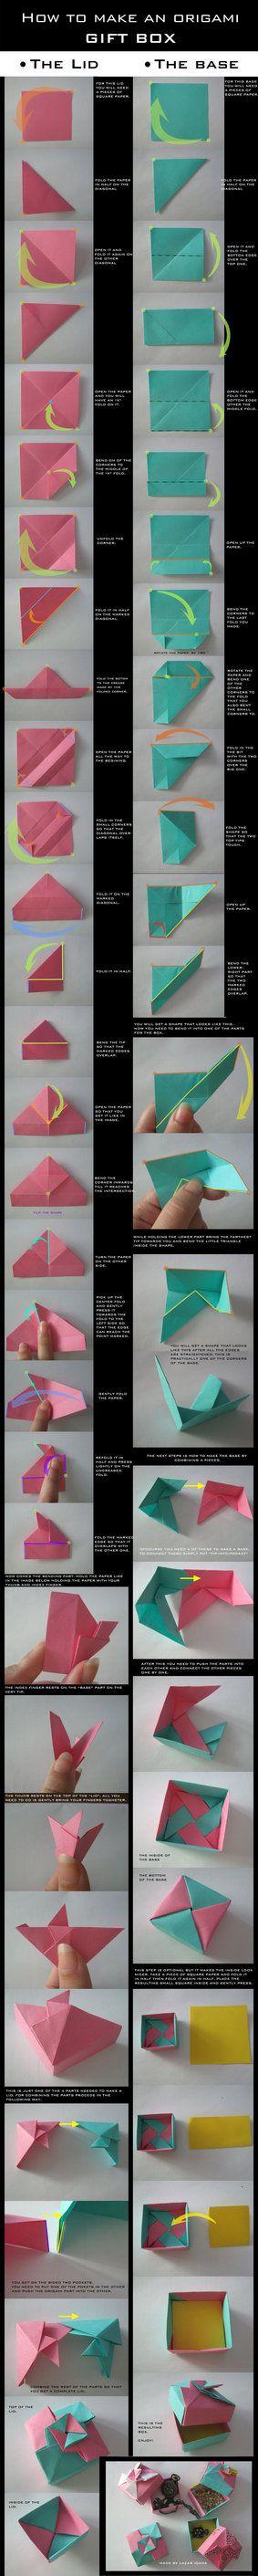 TUTORIAL: Origami Gift Box by DarkUmah